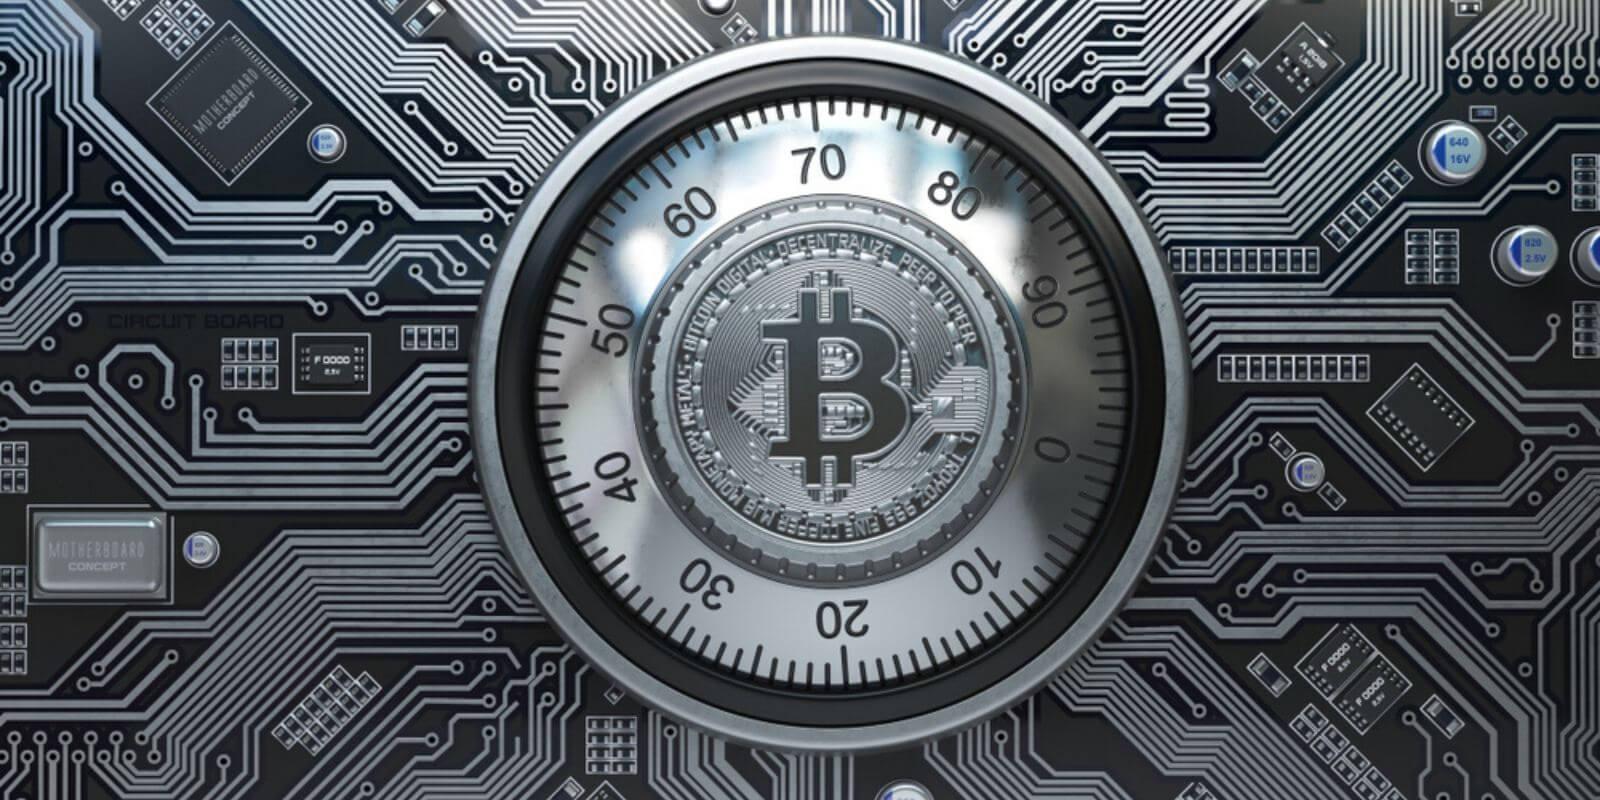 Les hodlers de BTC retirent massivement leurs fonds des crypto-bourses